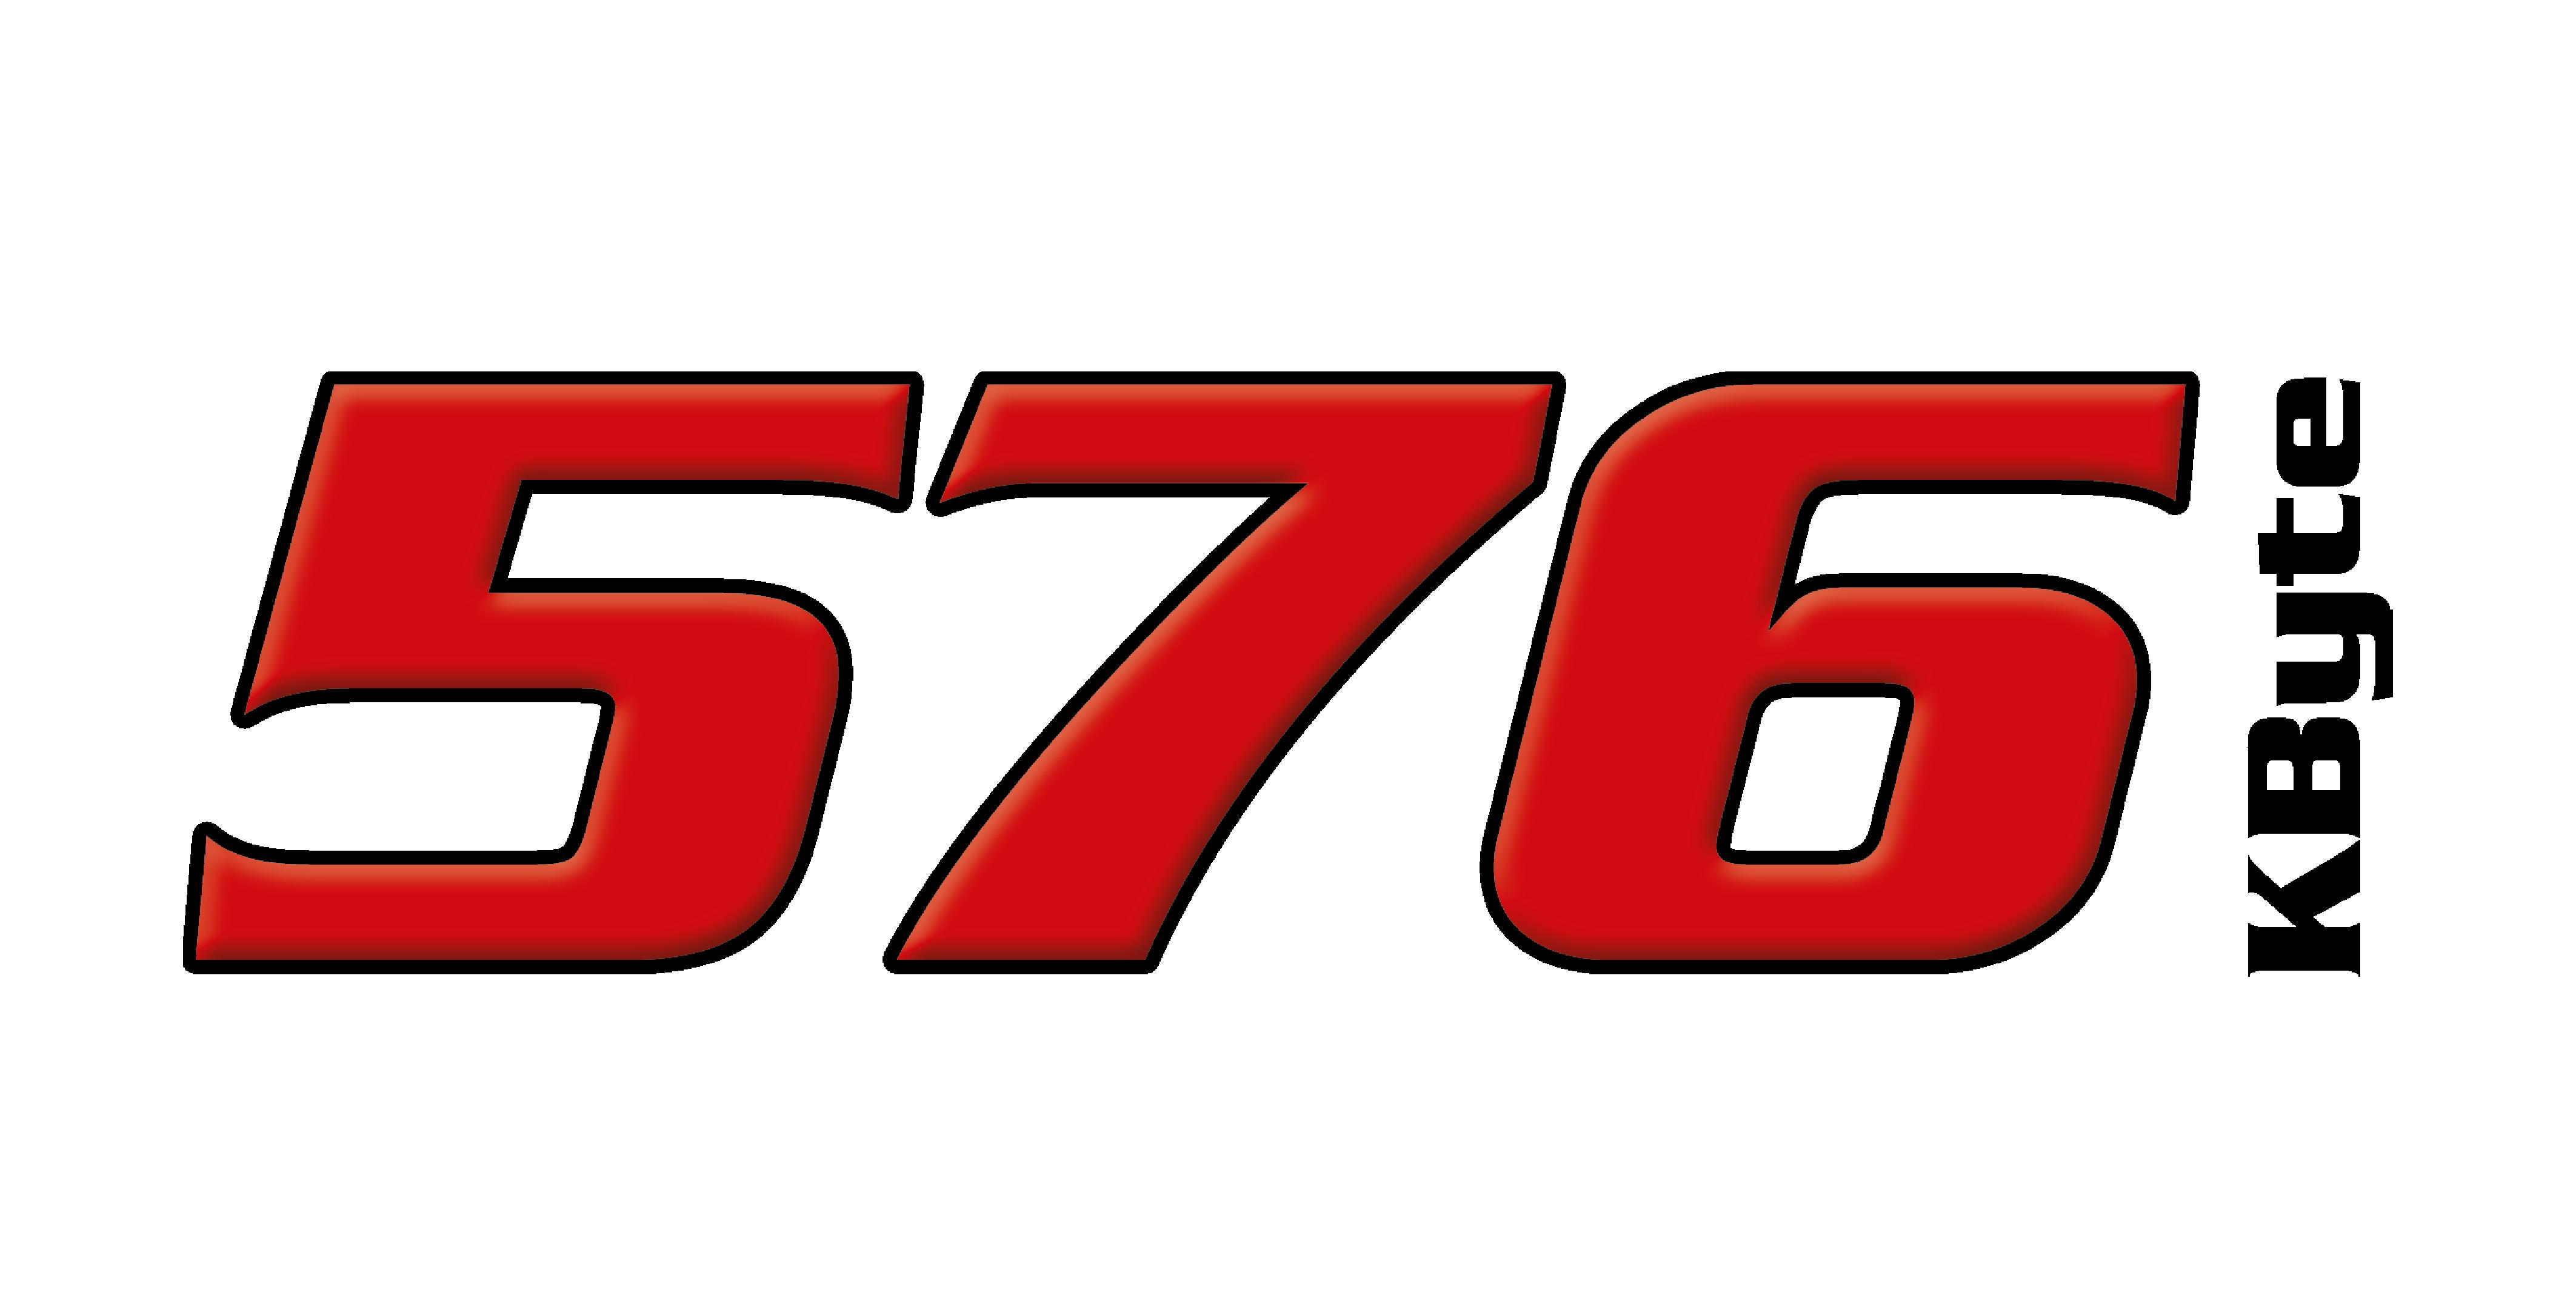 576 Kbyte